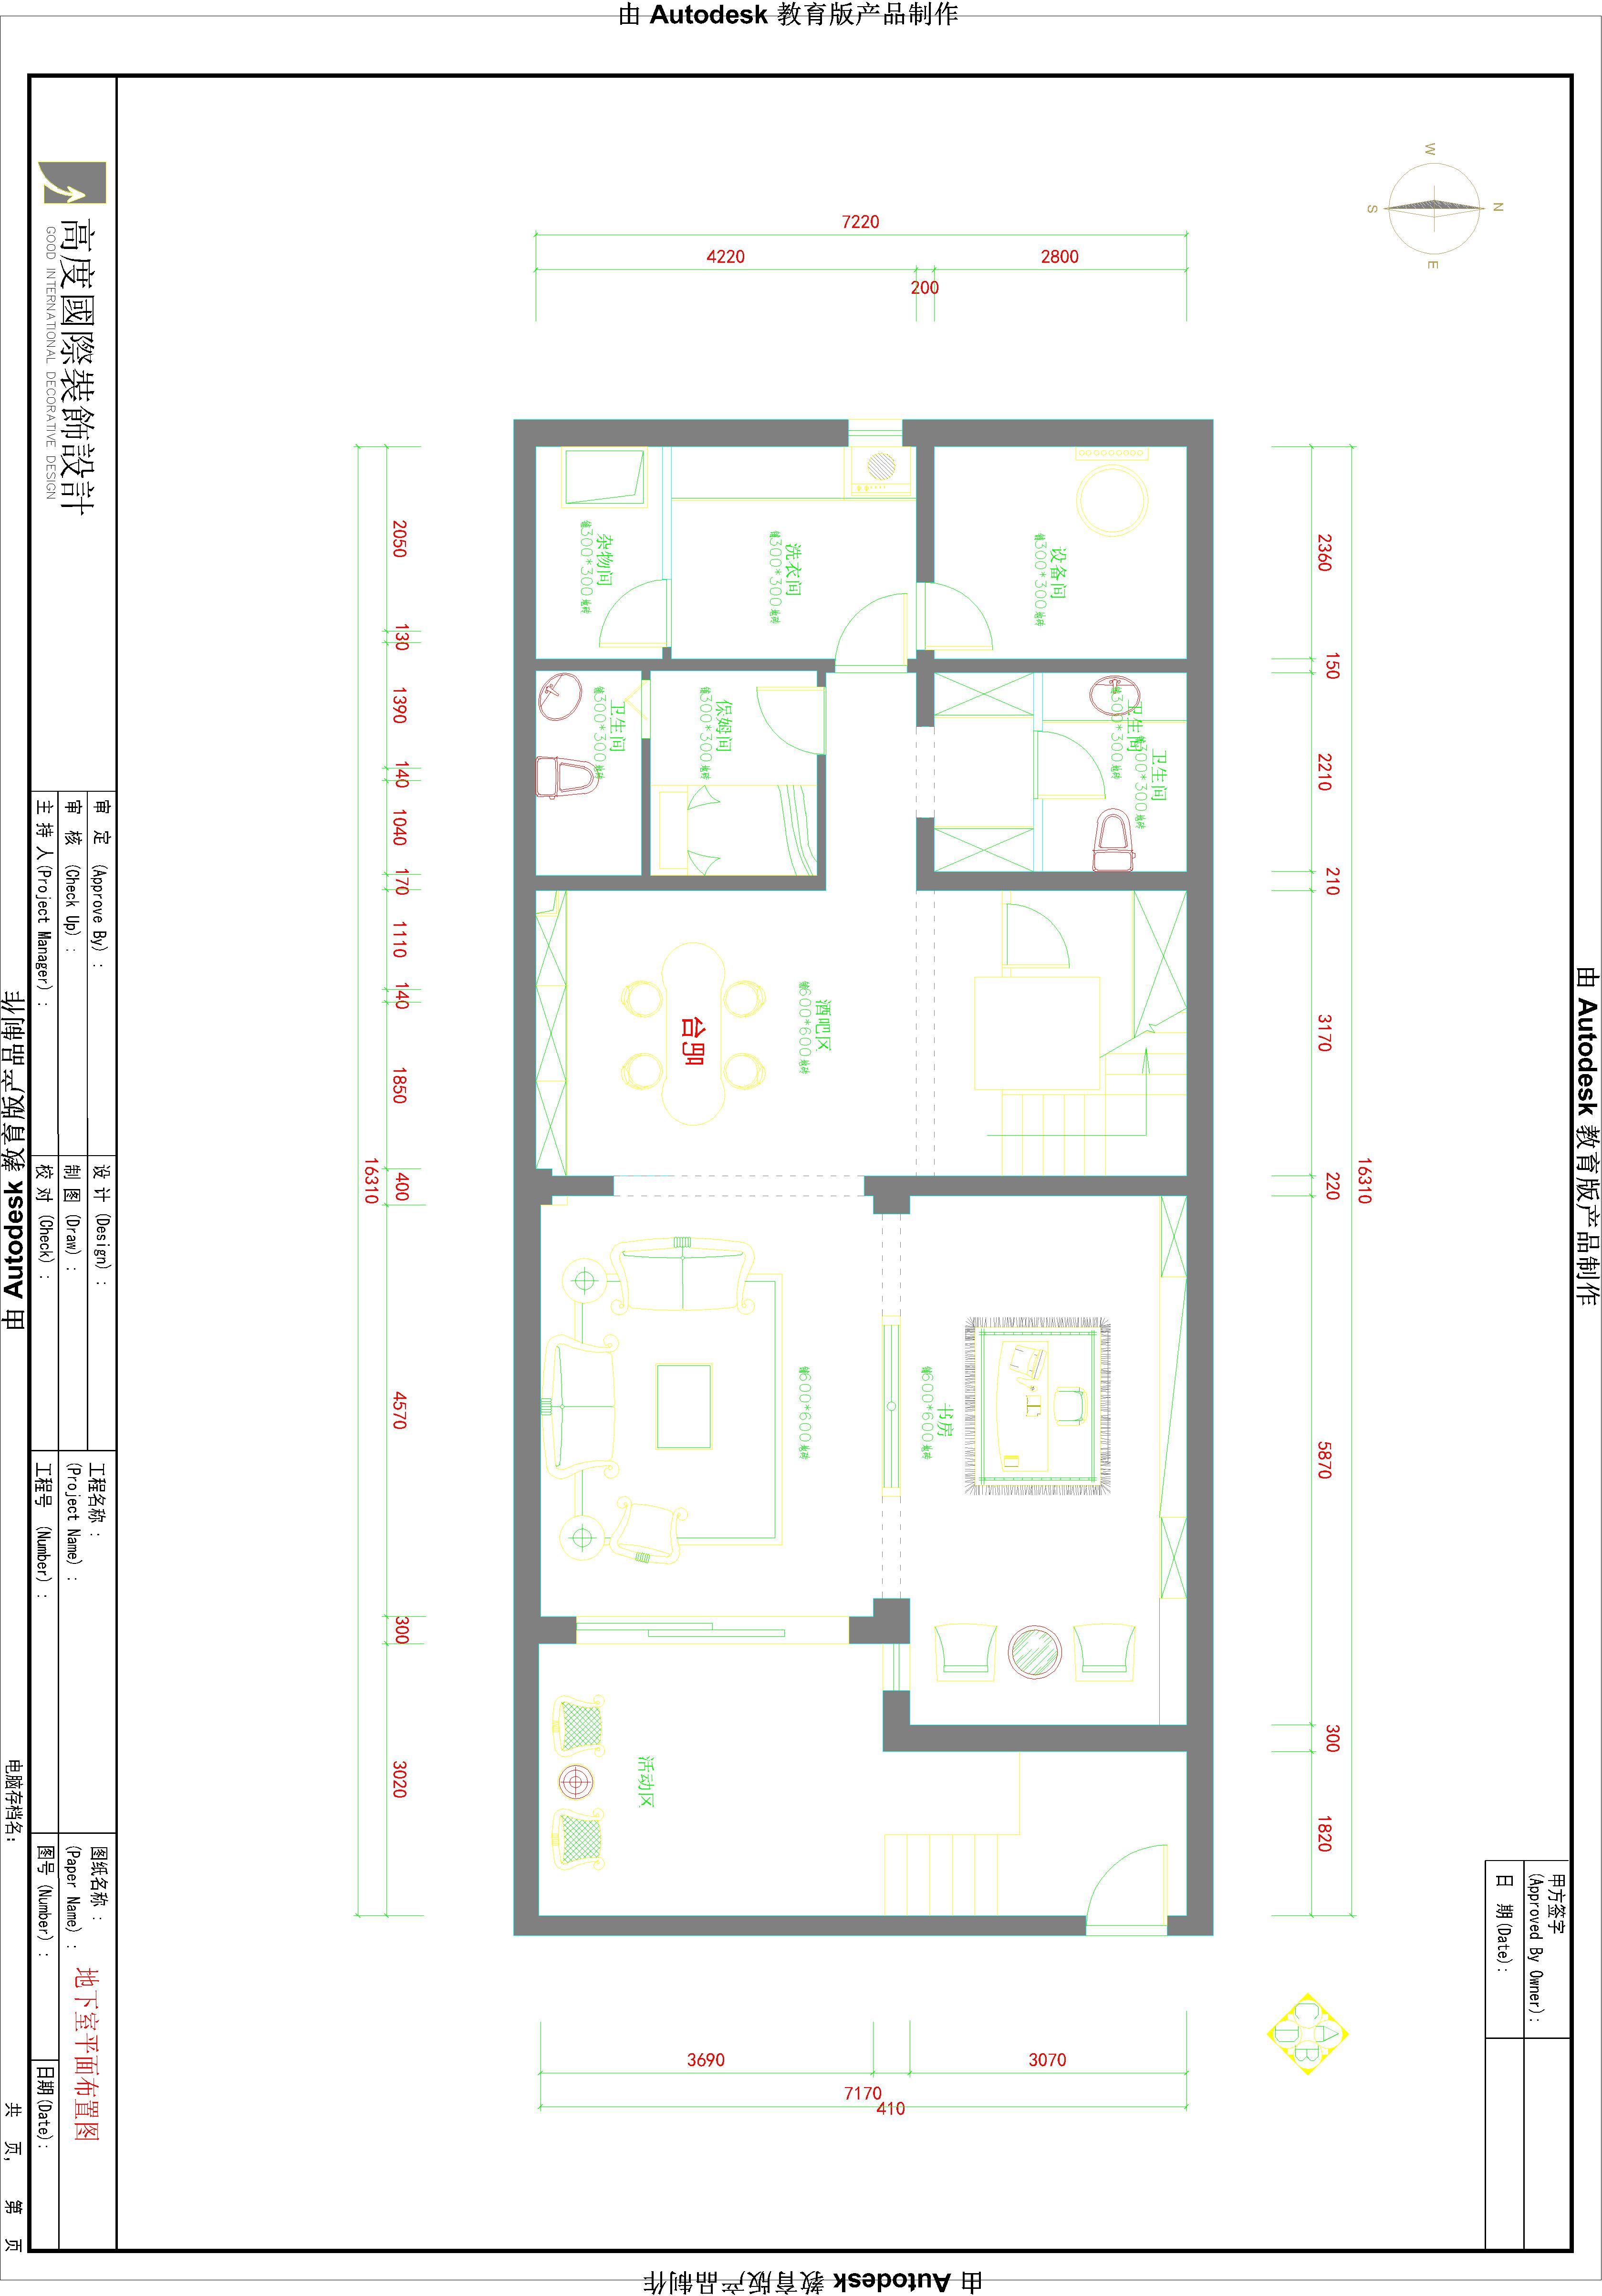 托斯卡纳 别墅 混搭 收纳 白领 高度国际 小清新 户型图图片来自高度国际王慧芳在天竺新新家园的分享